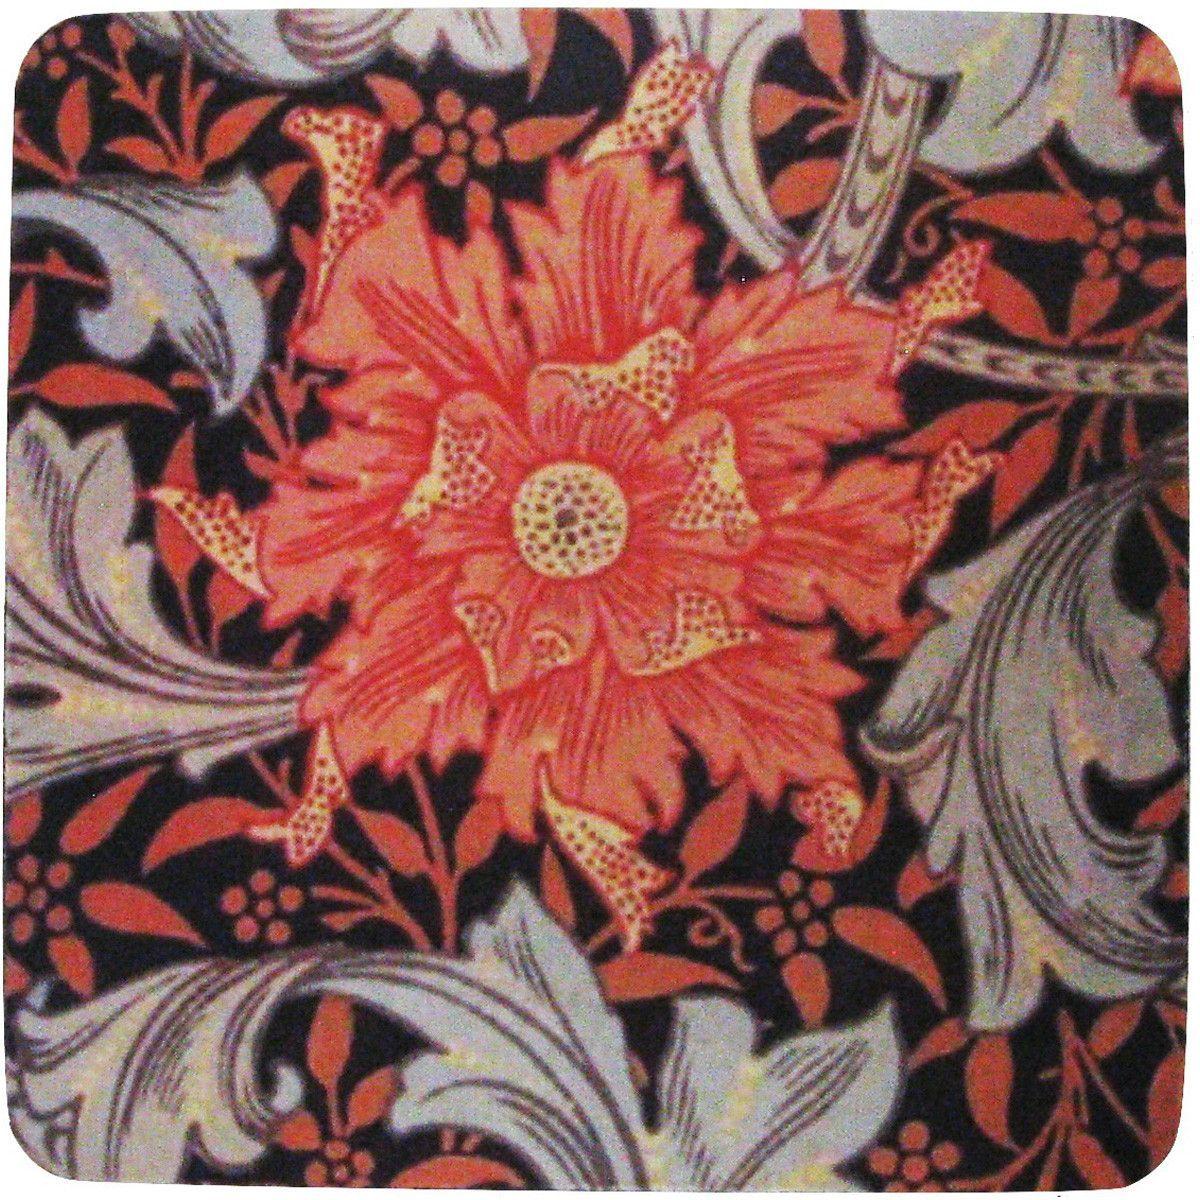 William Morris # 8 Coaster S/4